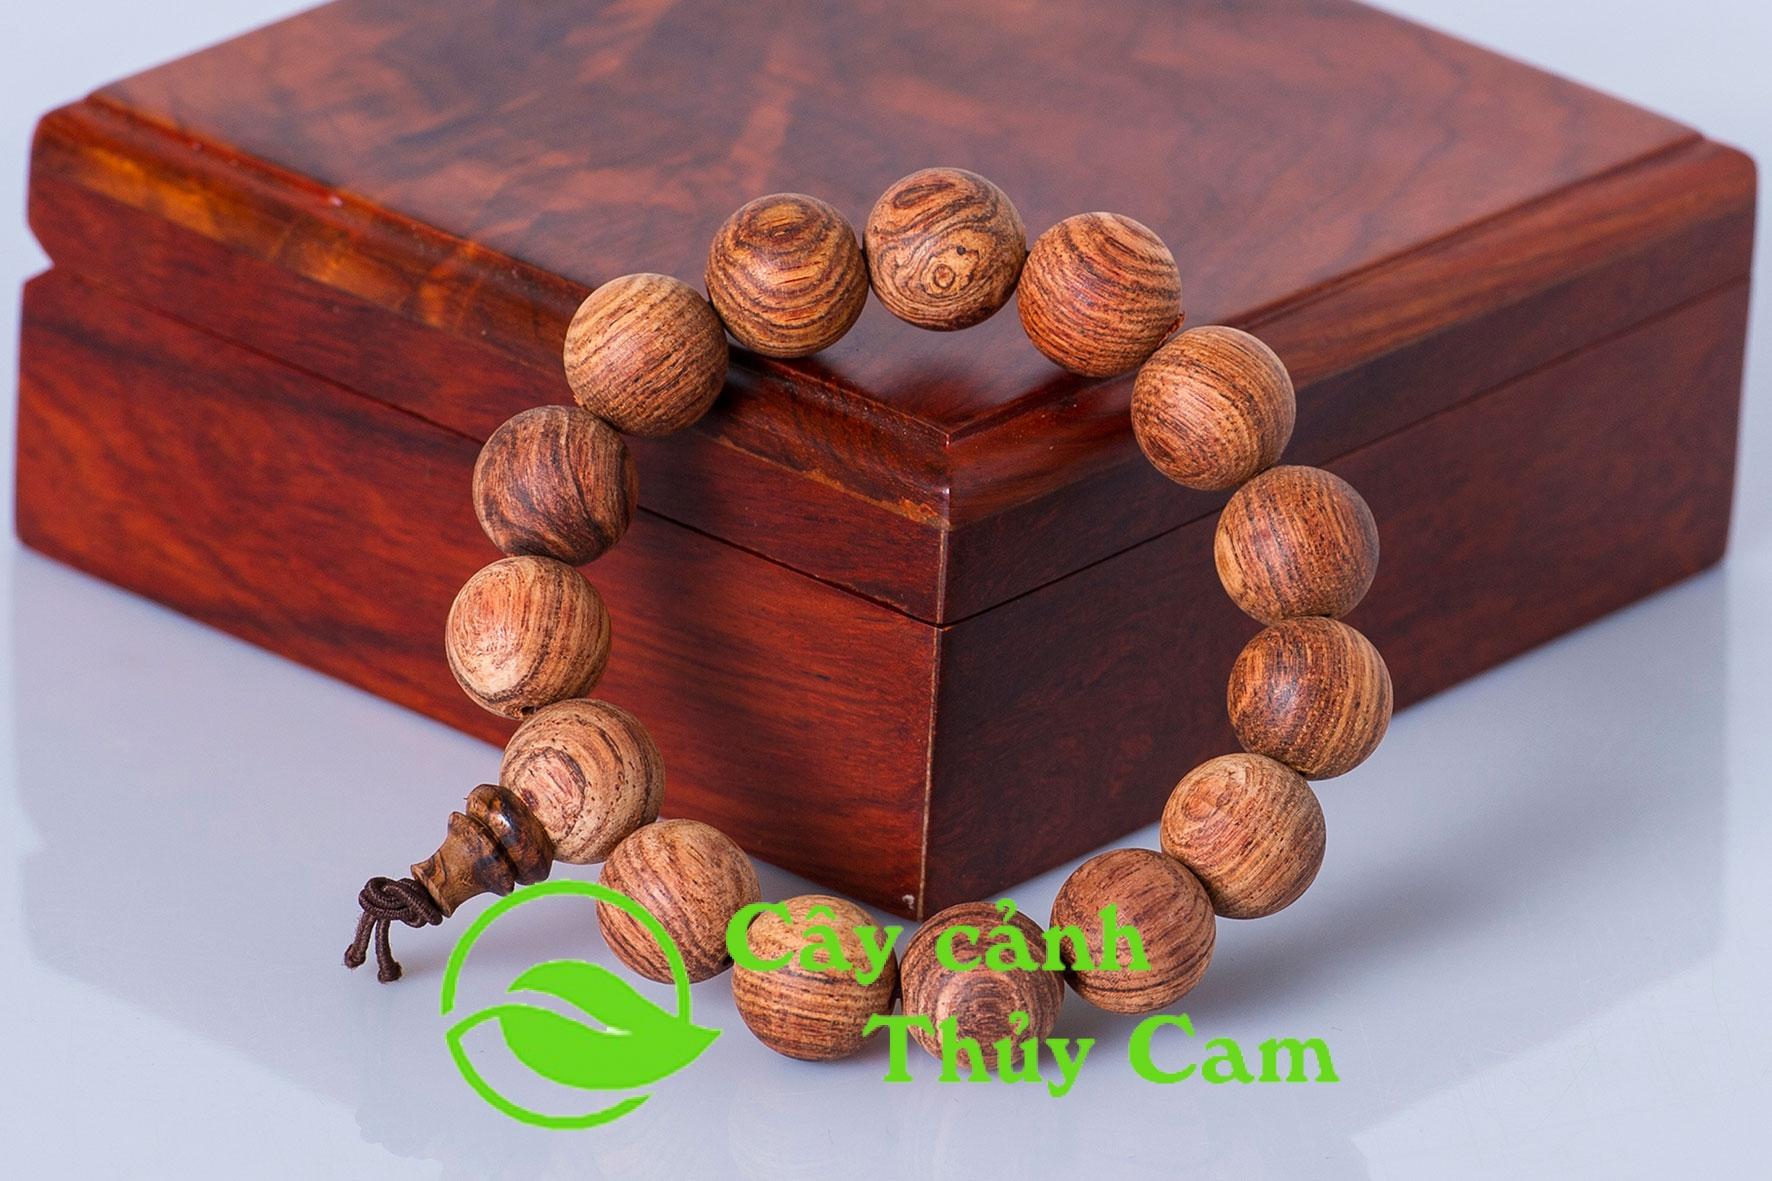 Vòng tay gỗ sưa đỏ được nhiều người lựa chọn để mang lại may mắn